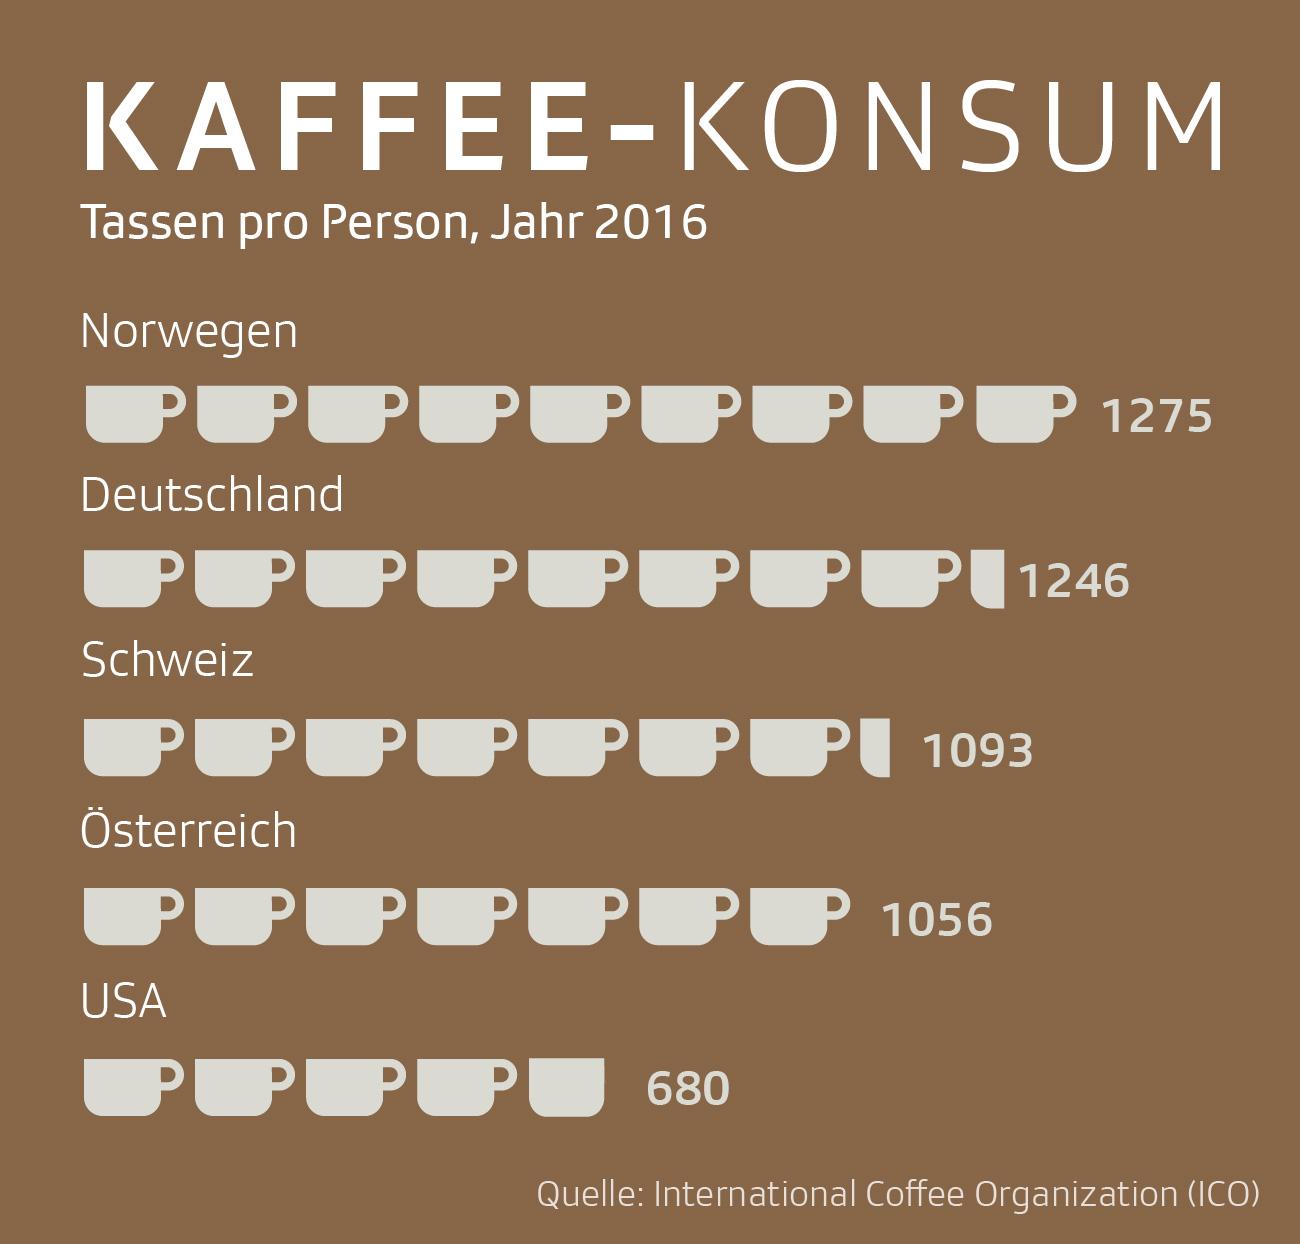 Infografik Kaffee-Konsum weltweit